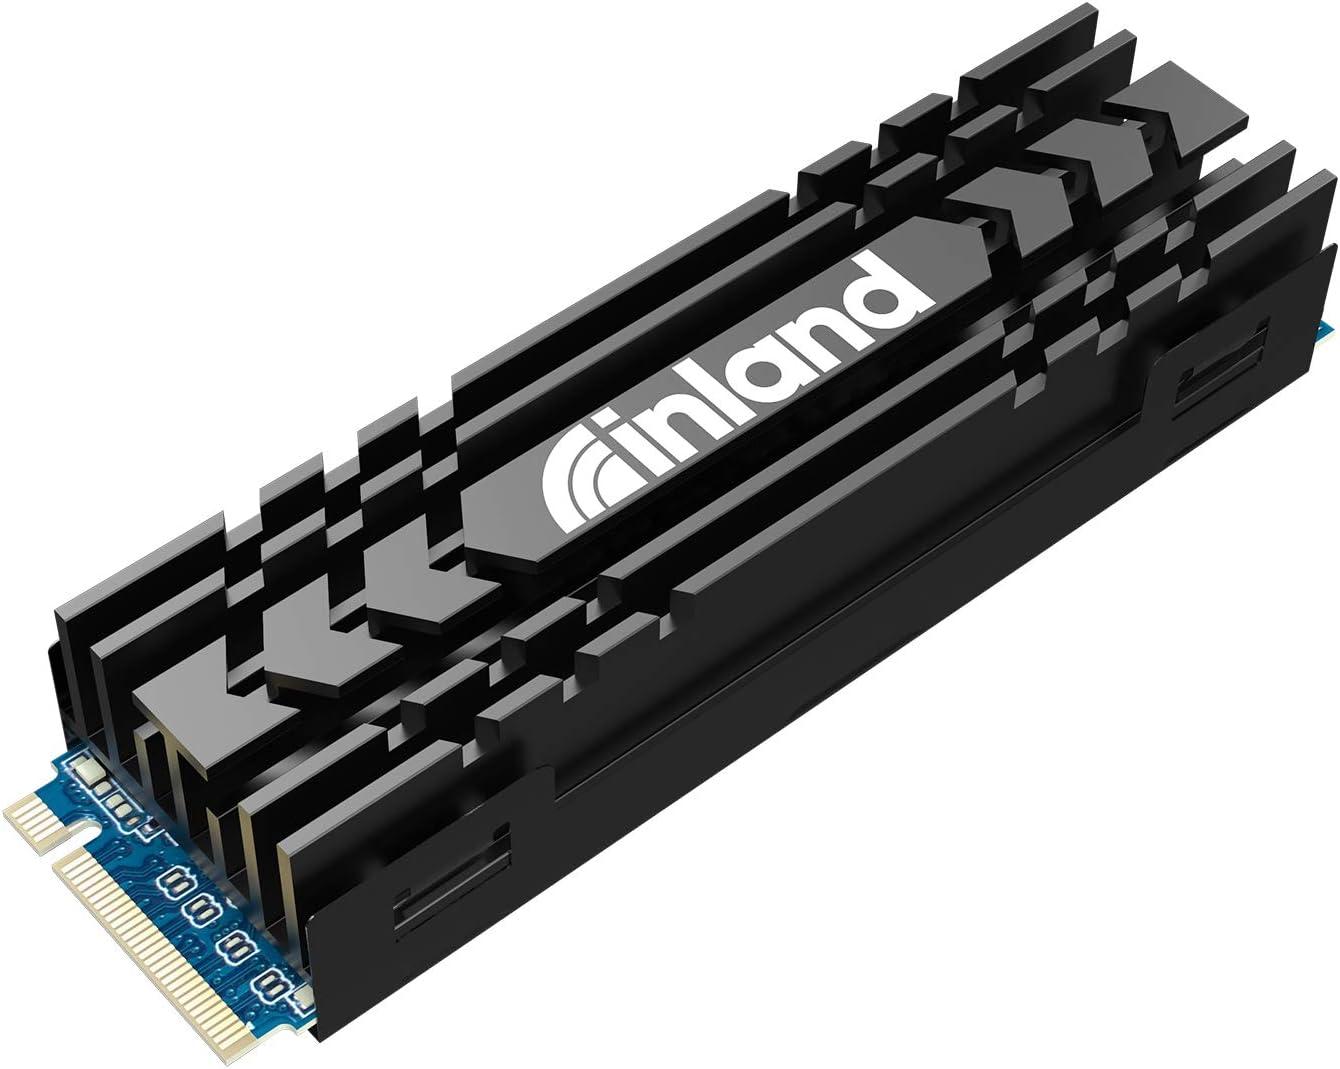 Inland Performance 4x4 Nvme Ssd Interne Festplatte Schwarz 1tb 4x4 Computers Accessories